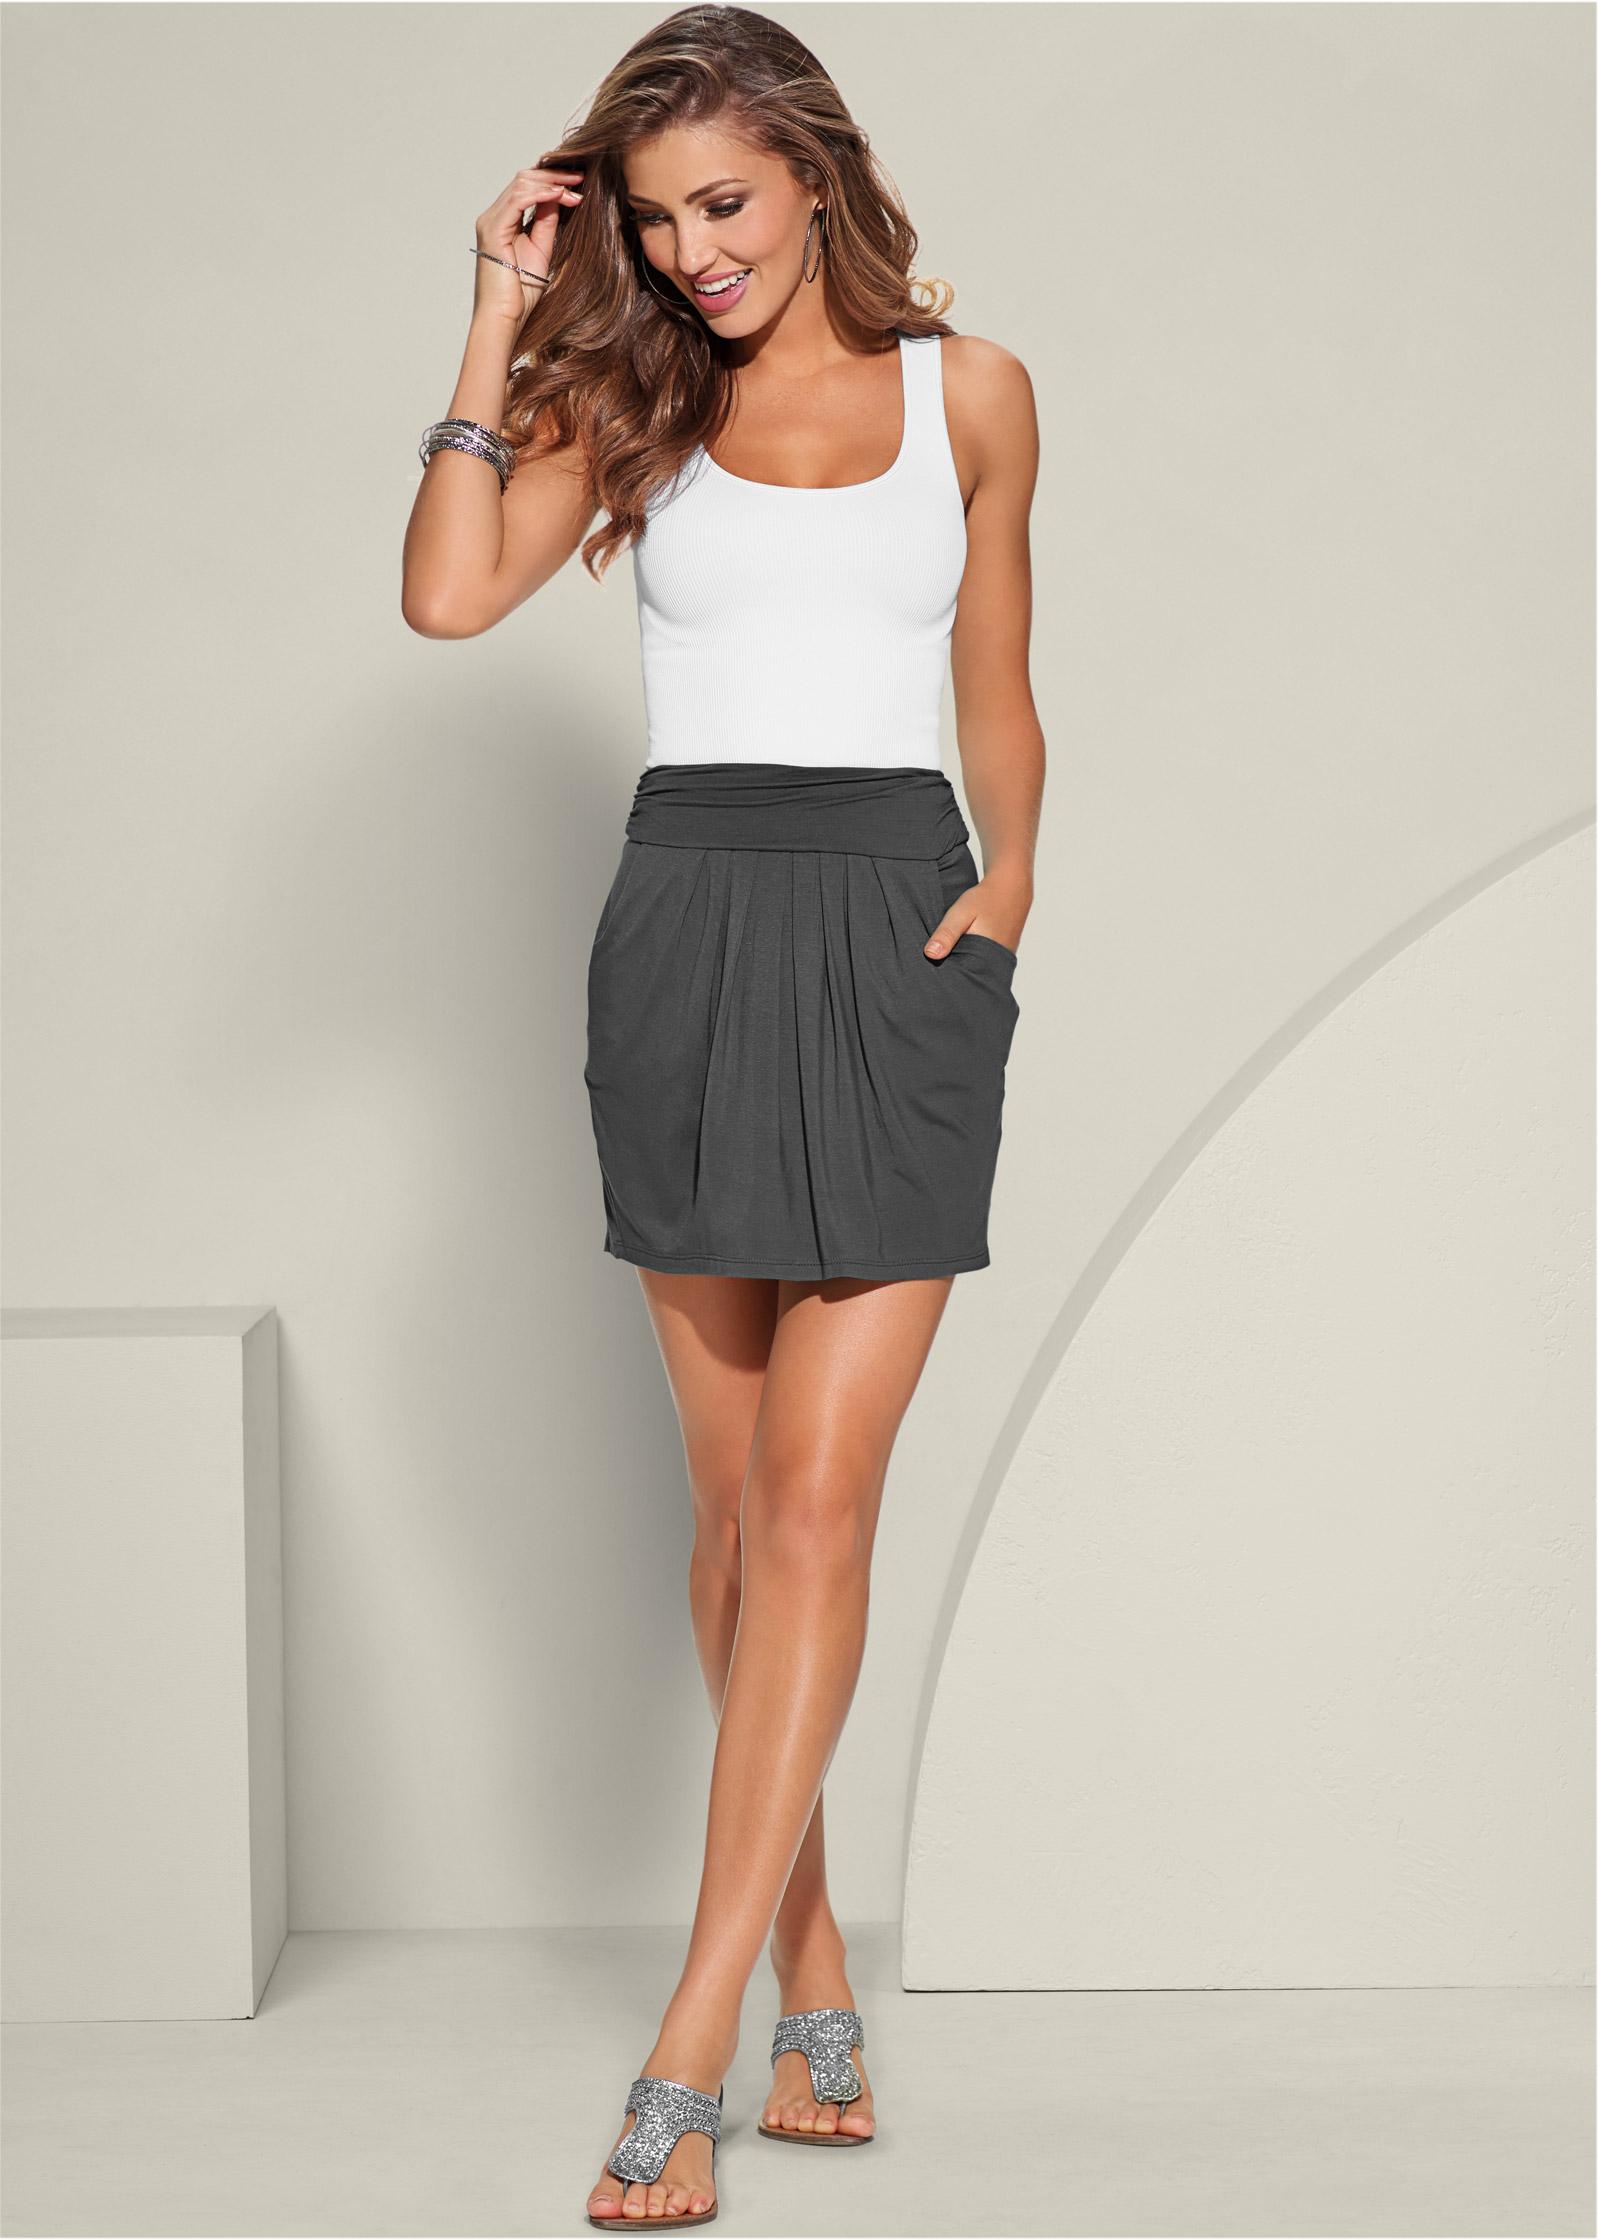 Venus Skirts